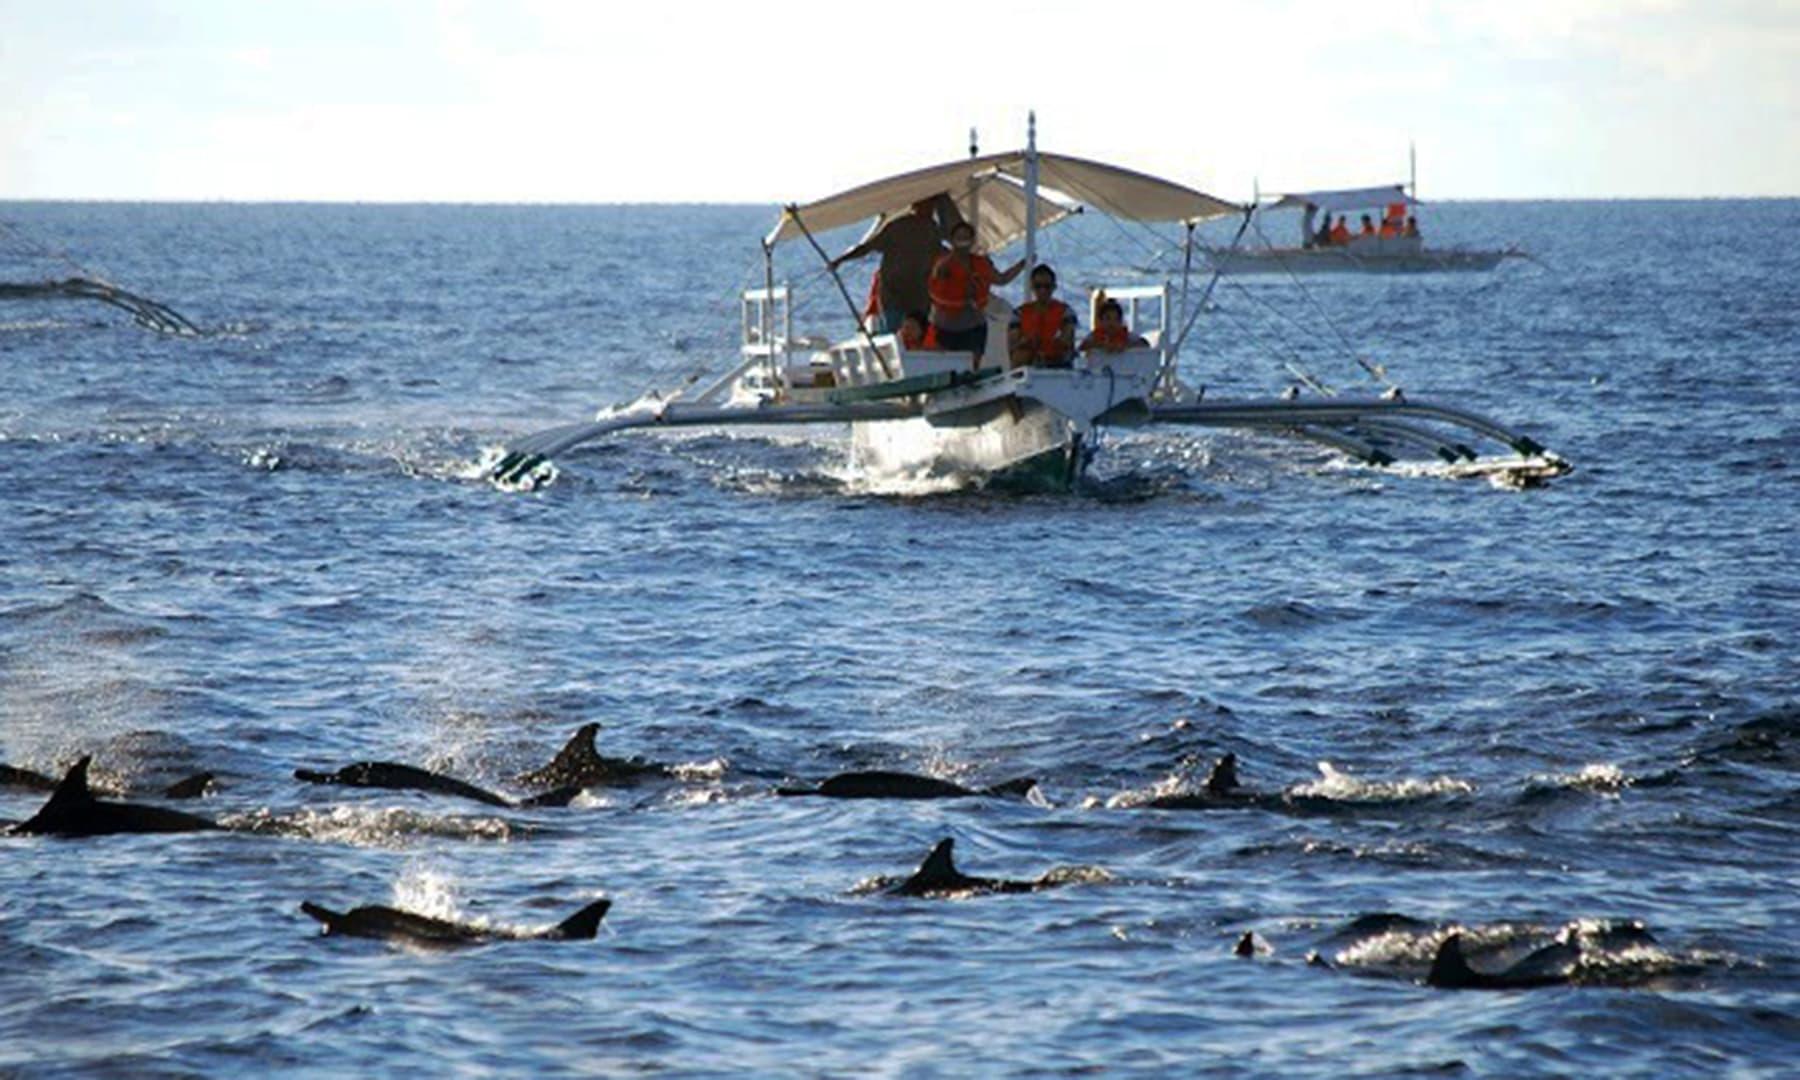 فیری سے ڈولفن کے گروپ کا نظارہ—تصویر عظمت اکبر